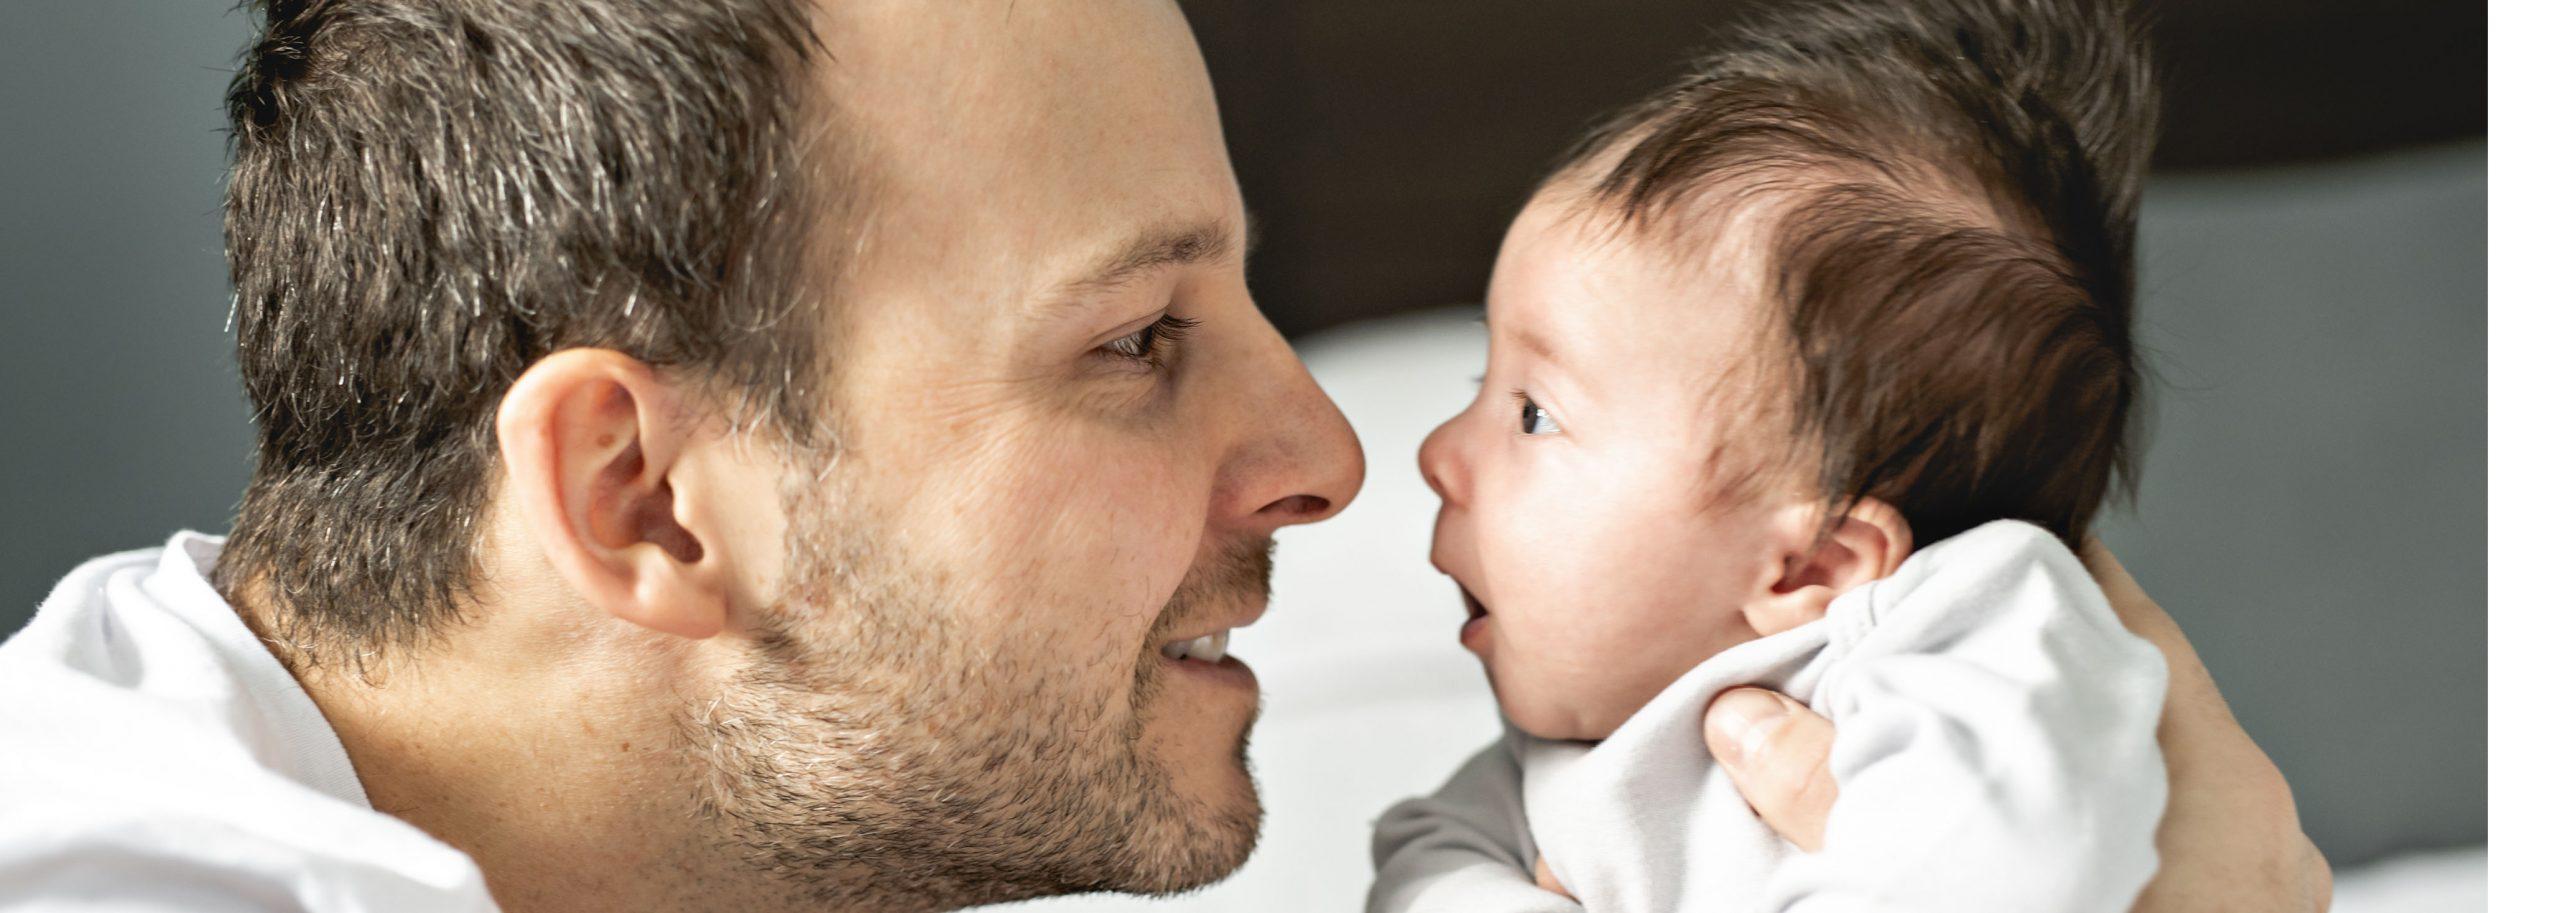 Vater mit seinem neugeborenen Schnurli